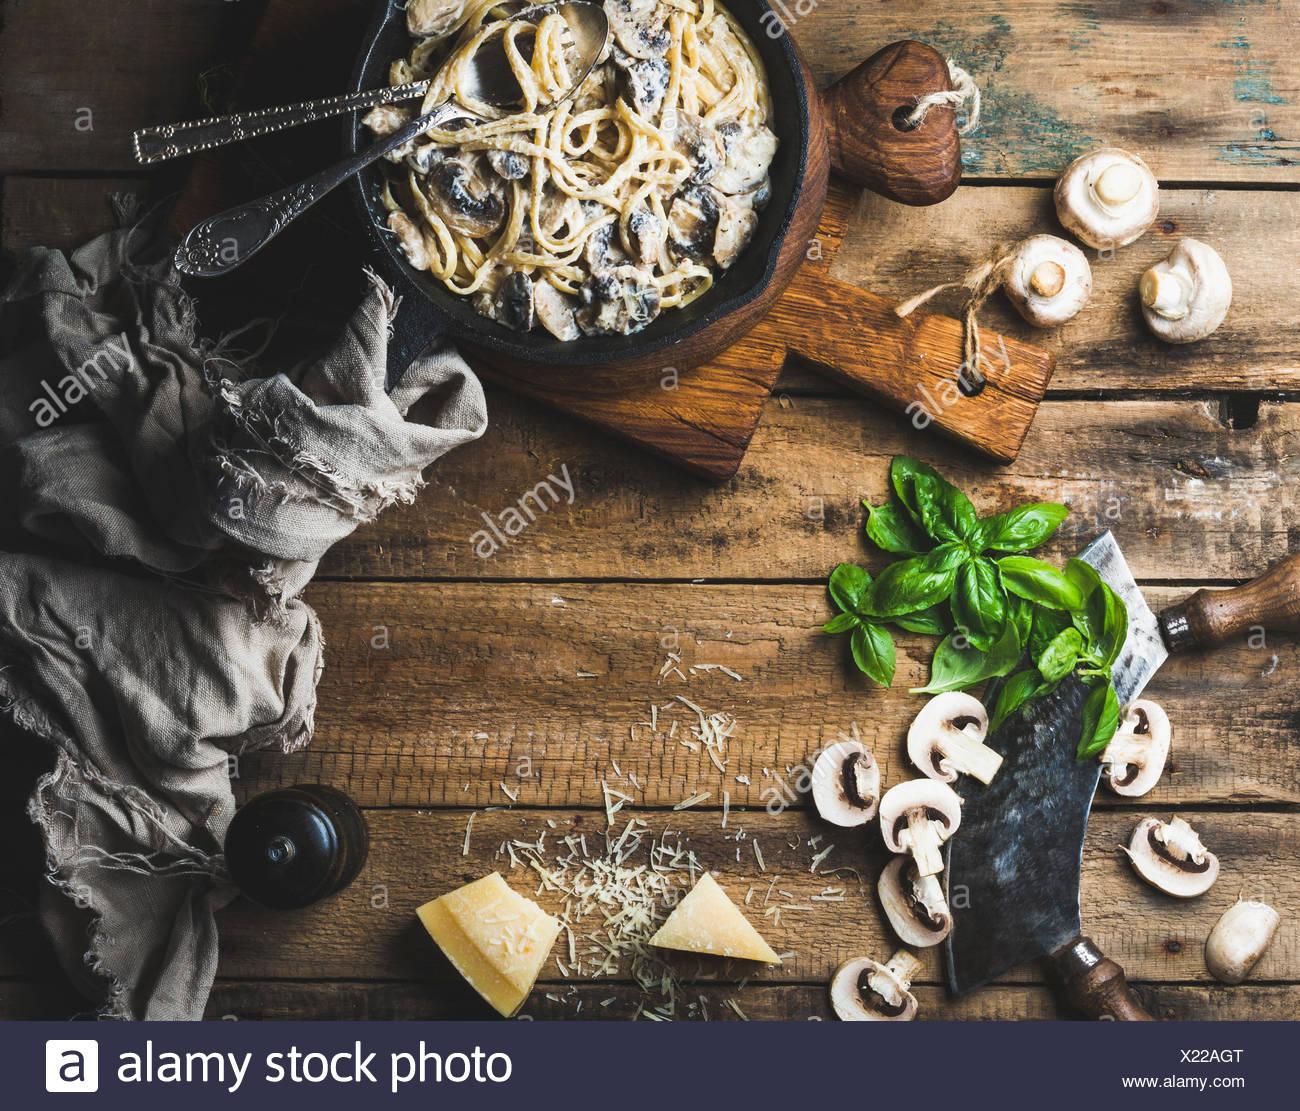 Dîner de style italien avec copie espace. Pâtes aux champignons crémeux spaghettis dans poêle en fonte avec du parmesan, basilic frais et pep Photo Stock